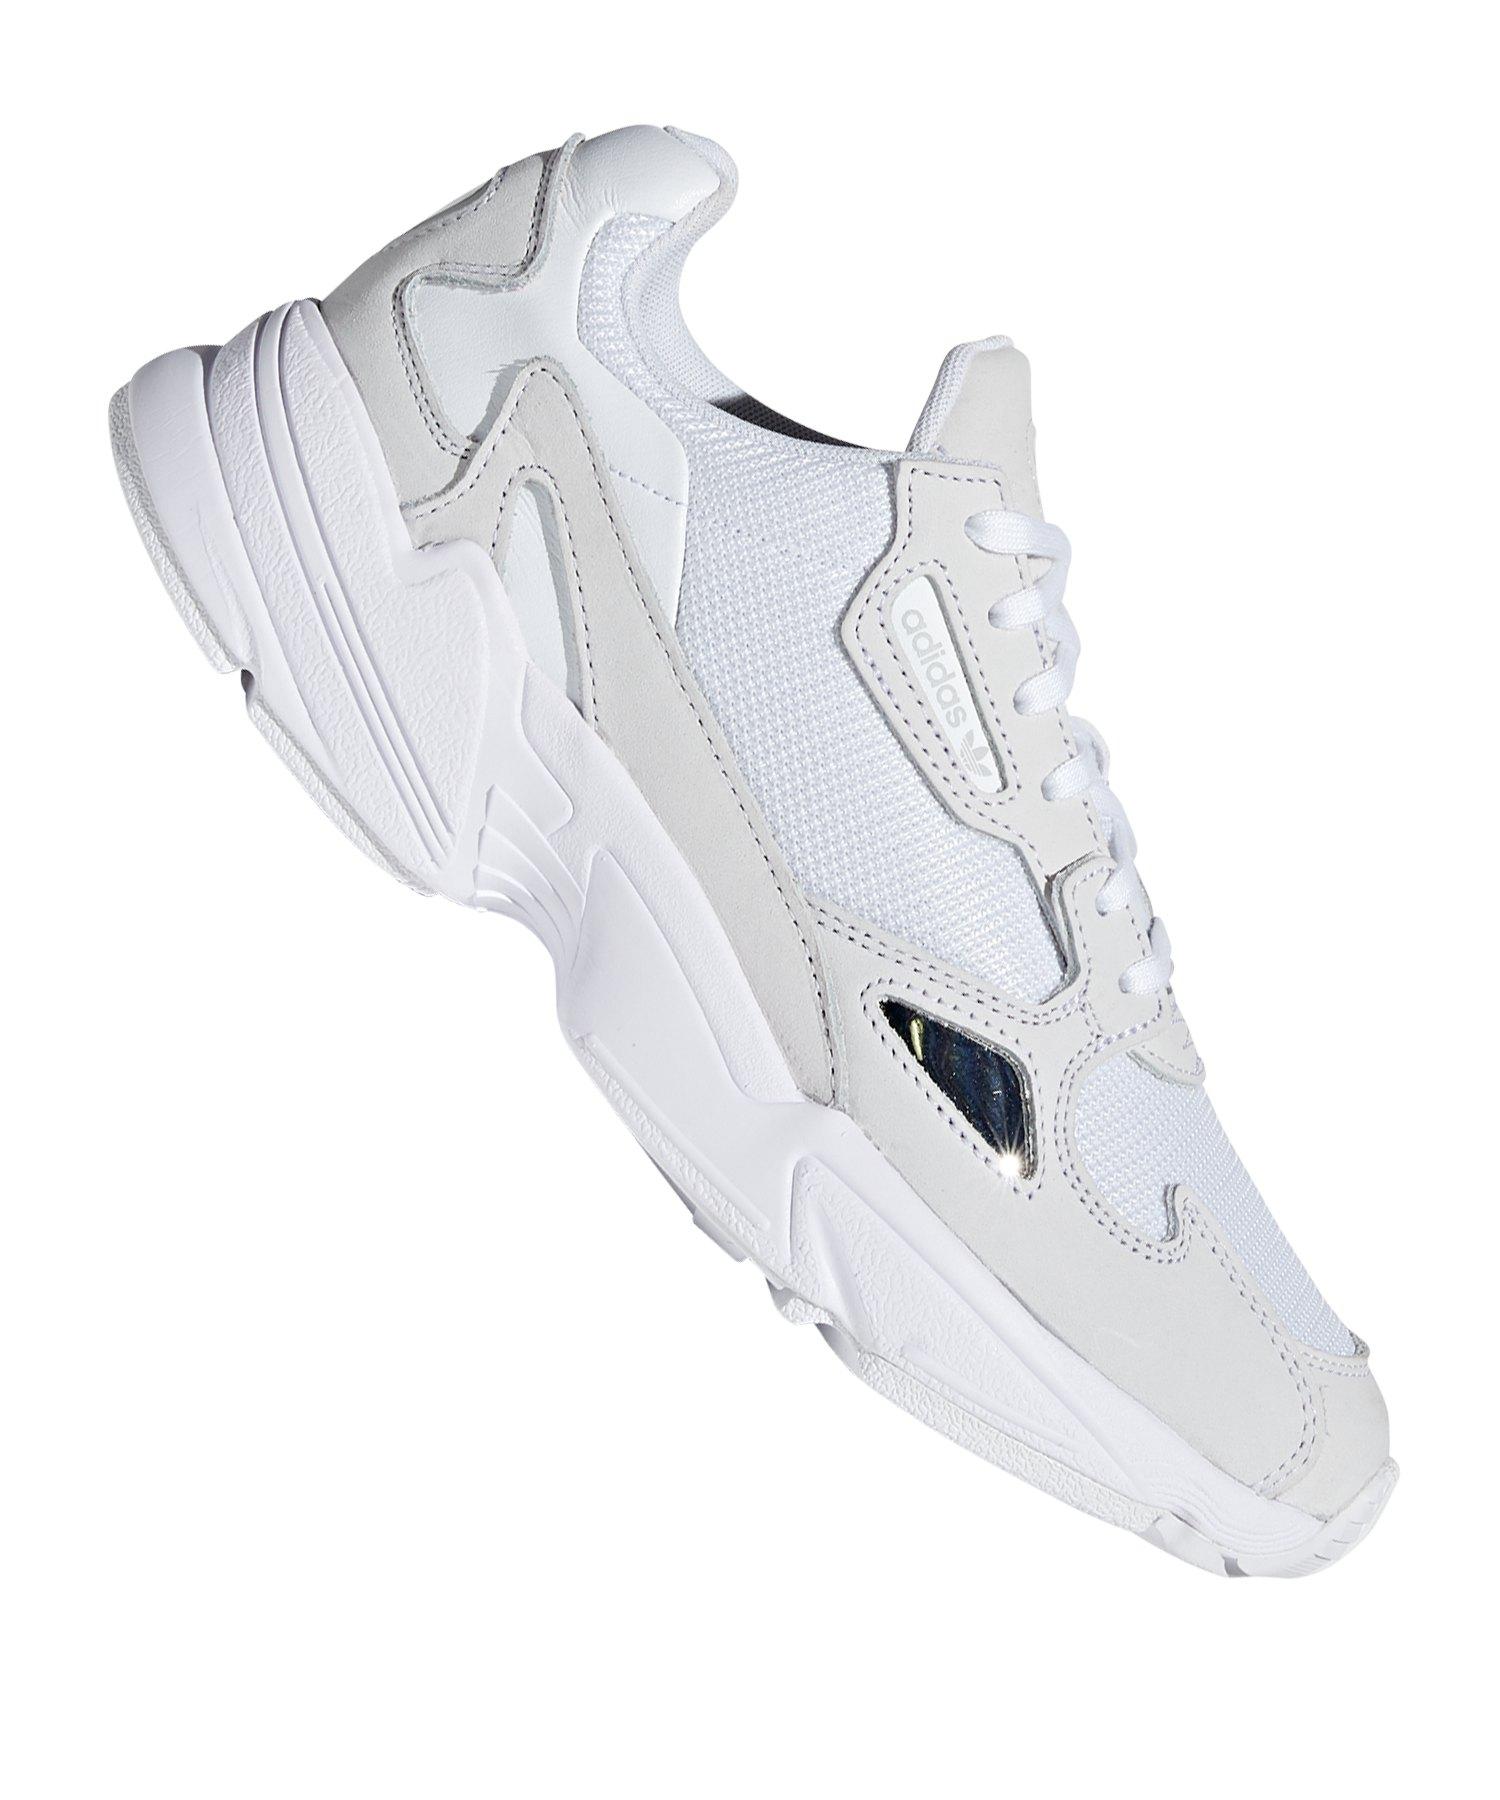 adidas Originals Falcon Sneaker Damen Weiss